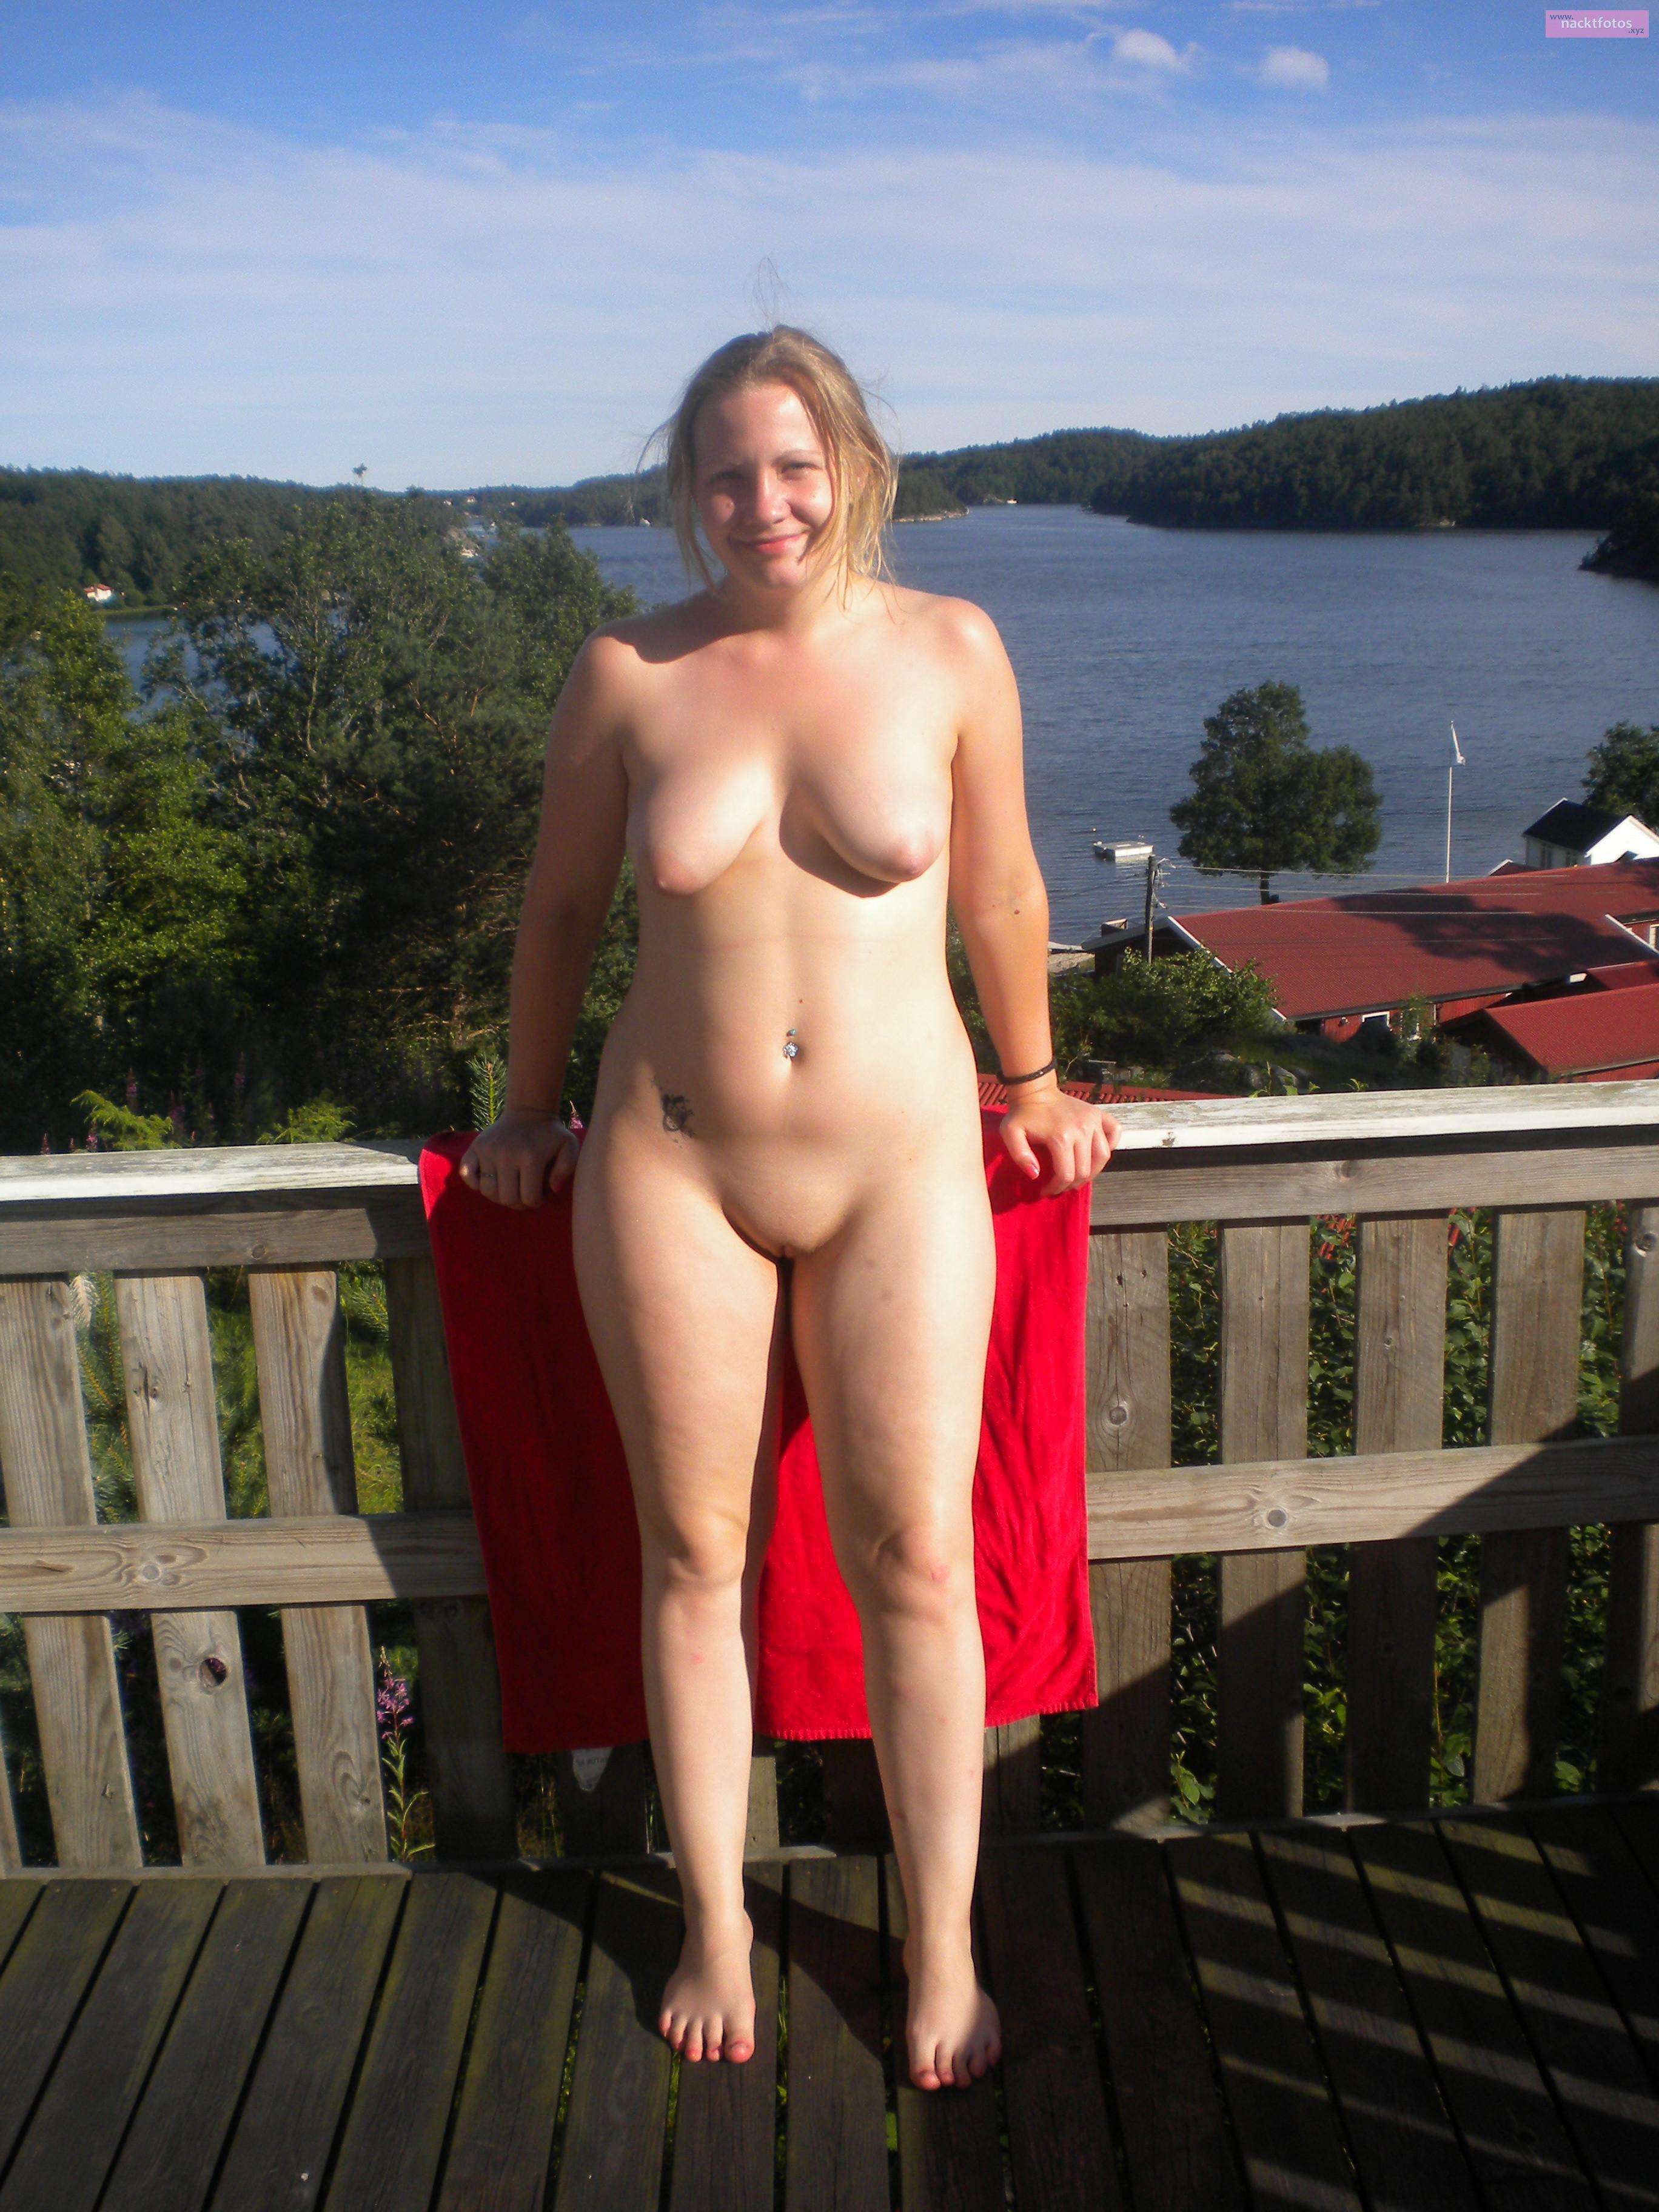 Nacktfotos der Weinlese Nackt